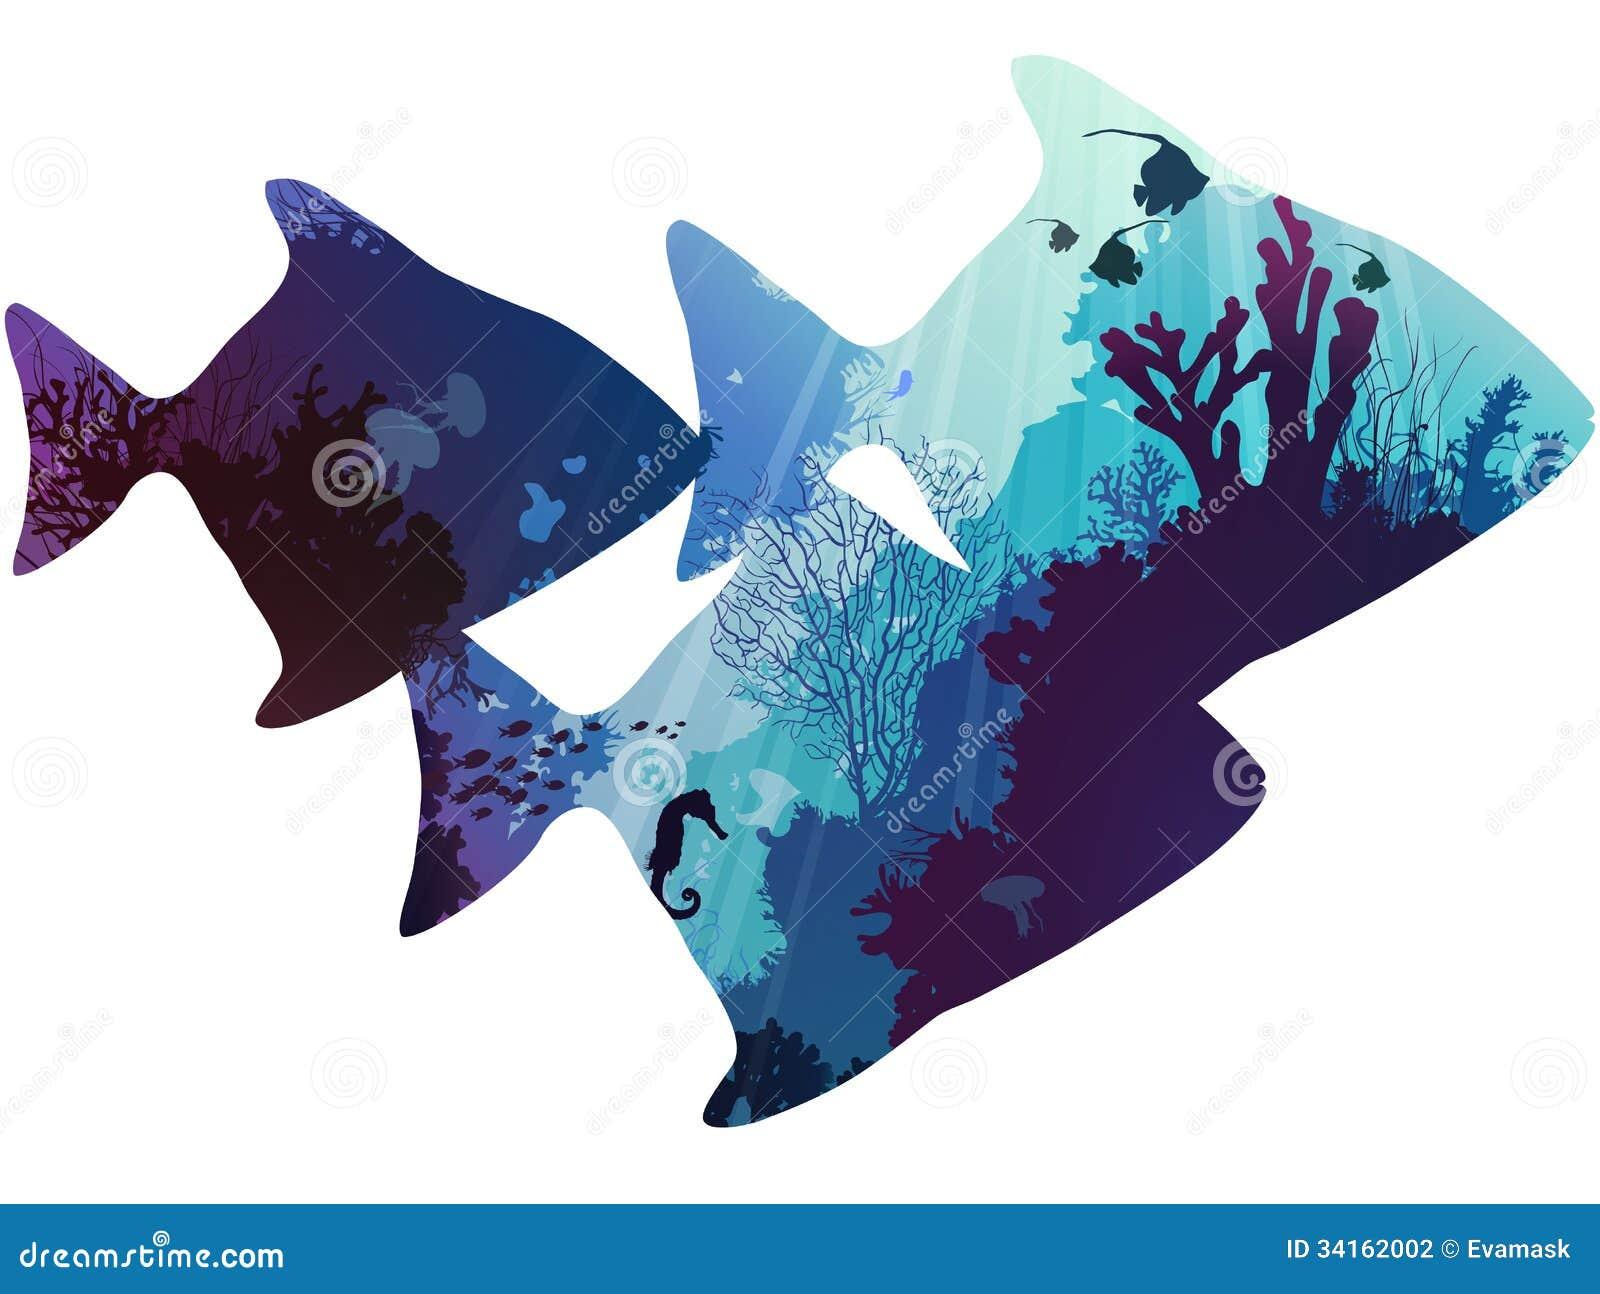 热带鱼剪影.在与珊瑚和海洋生物的海底内.白色背景,例证.图片